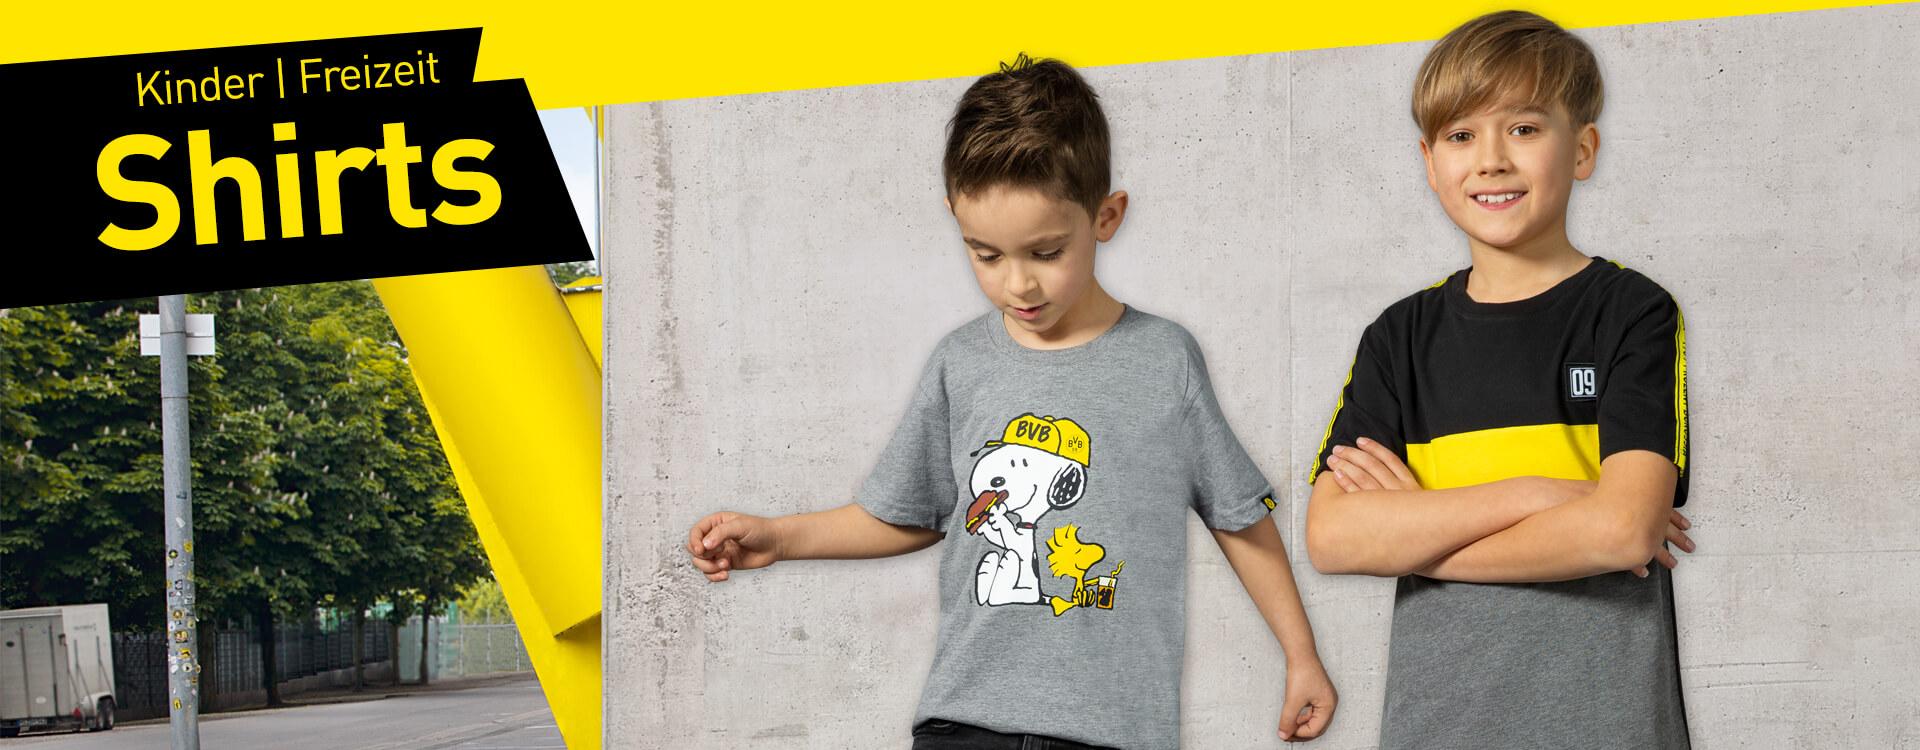 Onlineshop-Kategorieb-hnen-Desktop-1920x750px_Kinder-Freizeit-Shirts